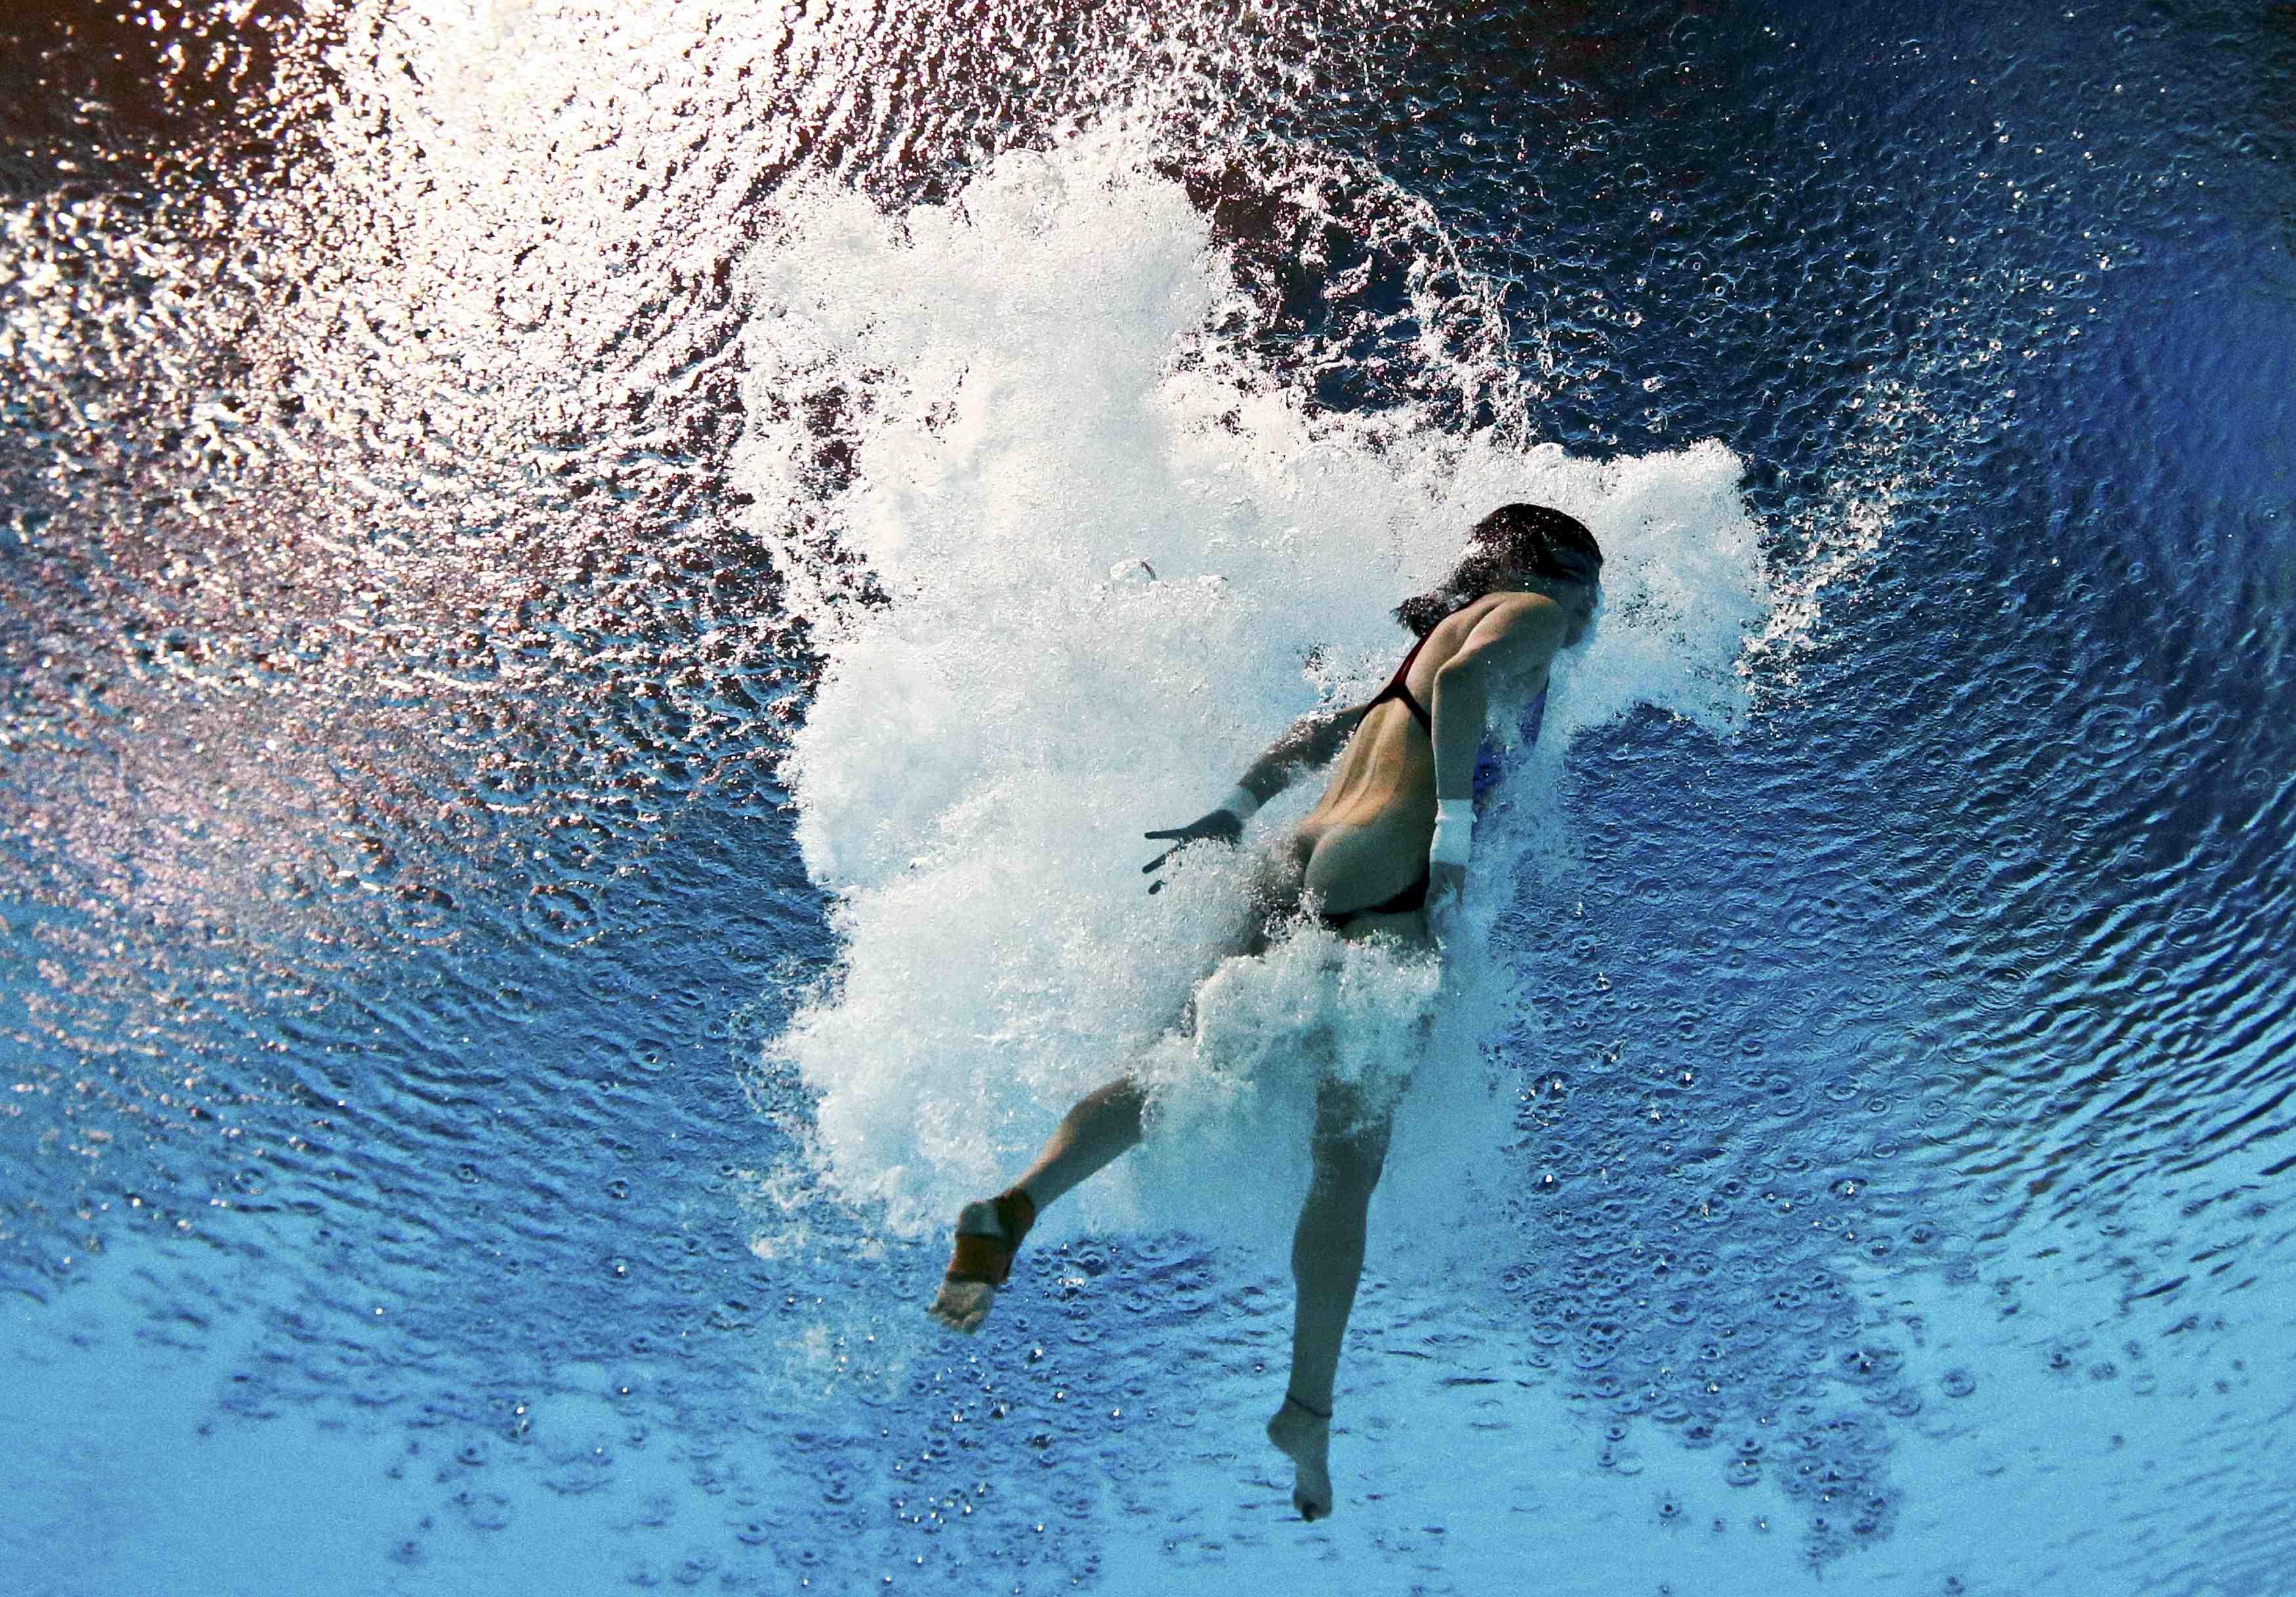 Фото с курьёзами спортсменов 16 фотография